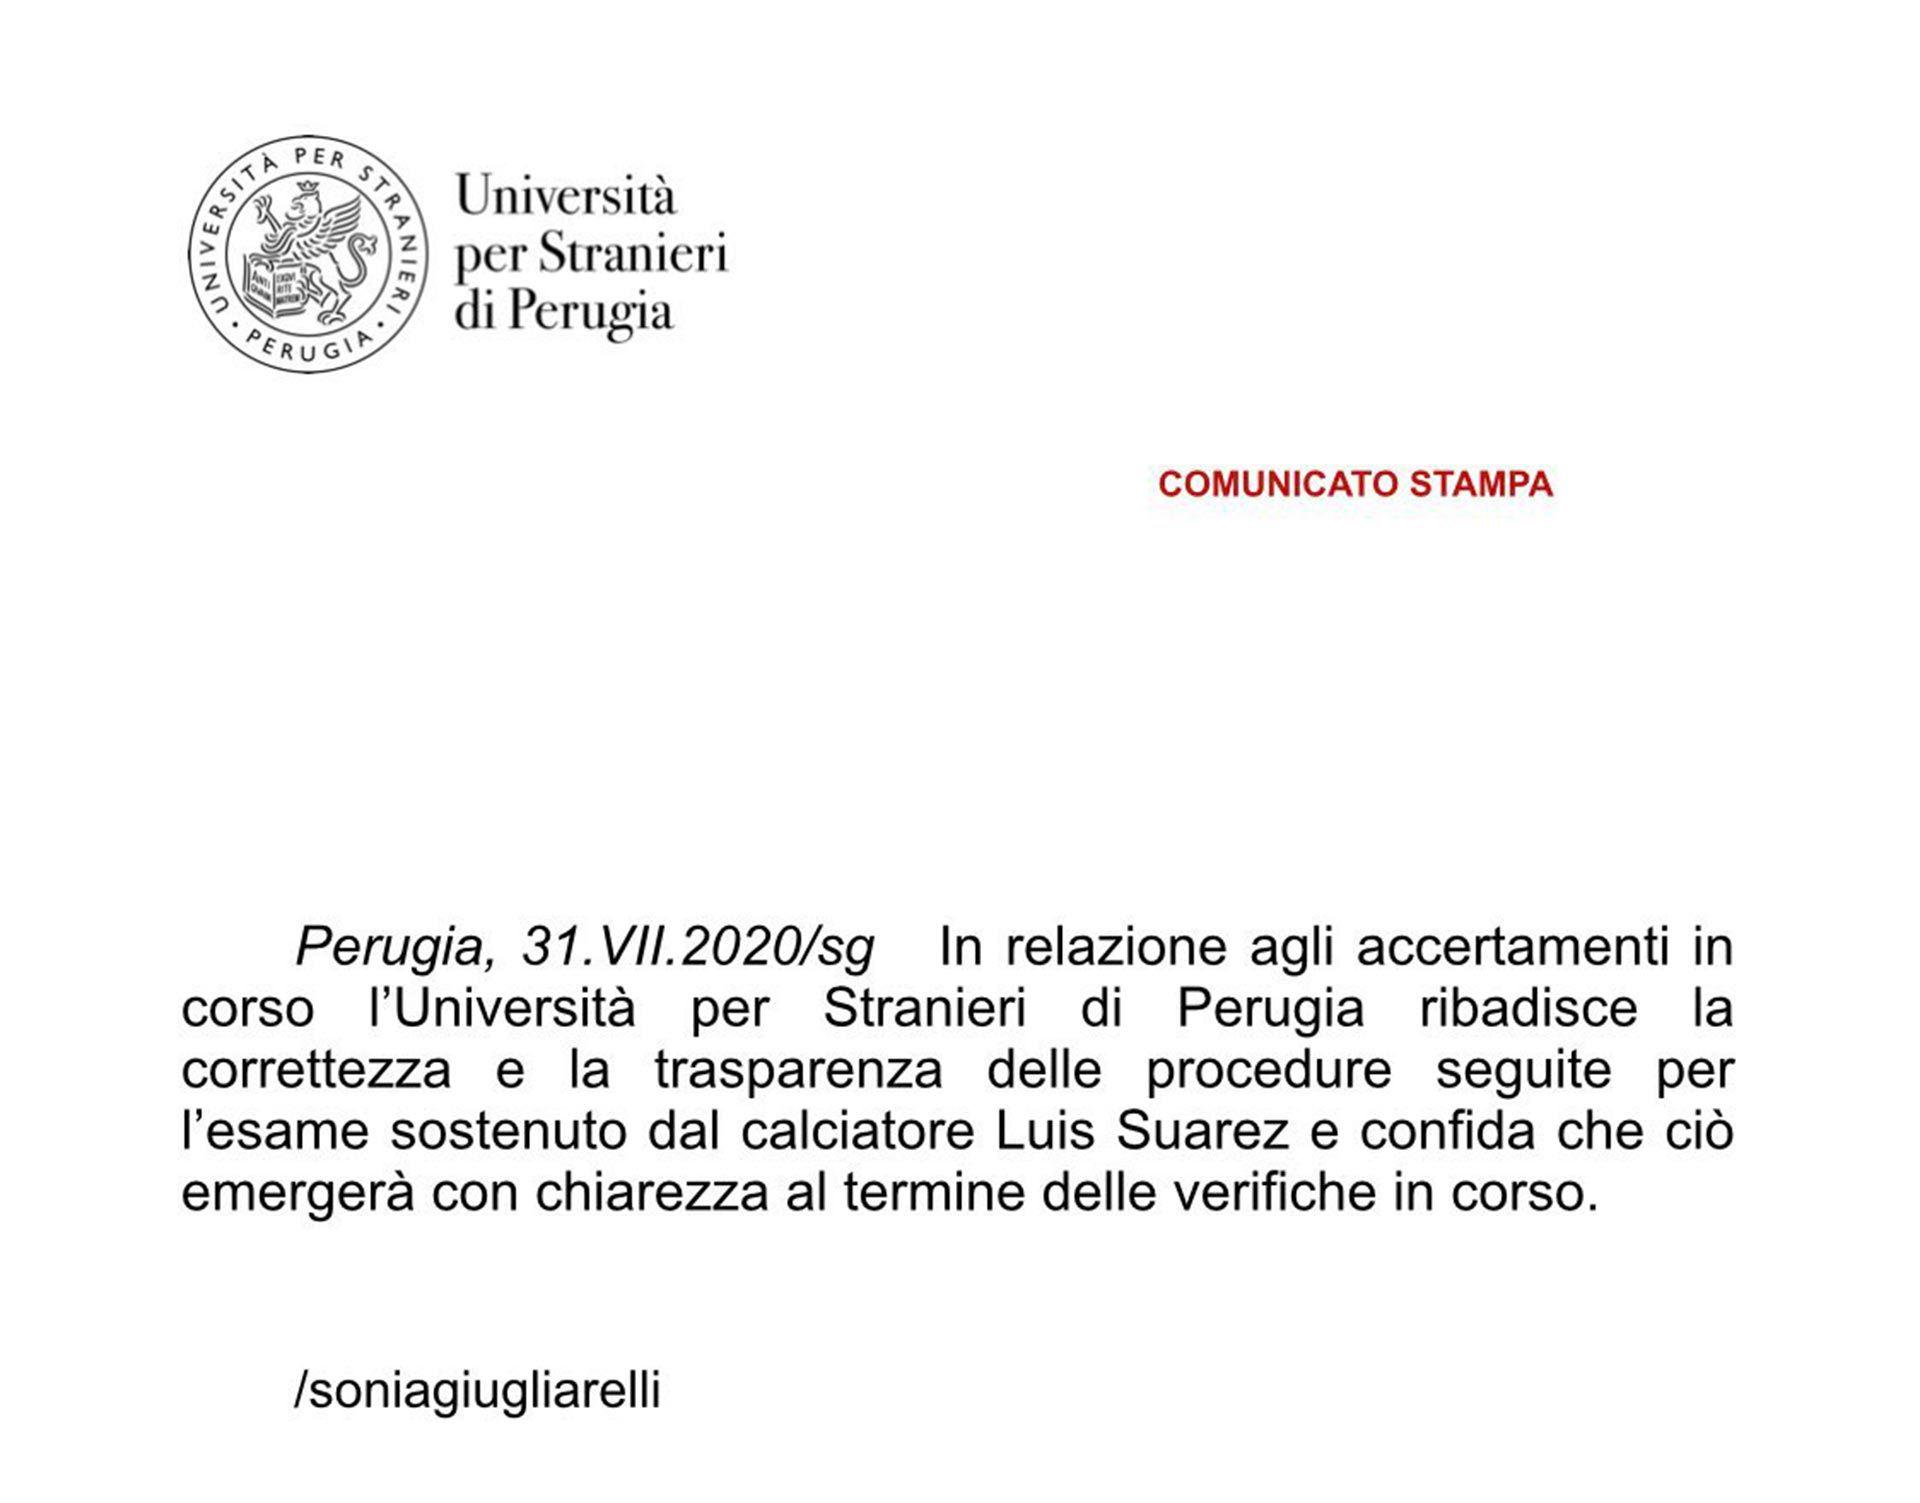 Comunicado de la Universidad de Perugia sobre el caso de supuesto fraude del exámen de Luis Suárez